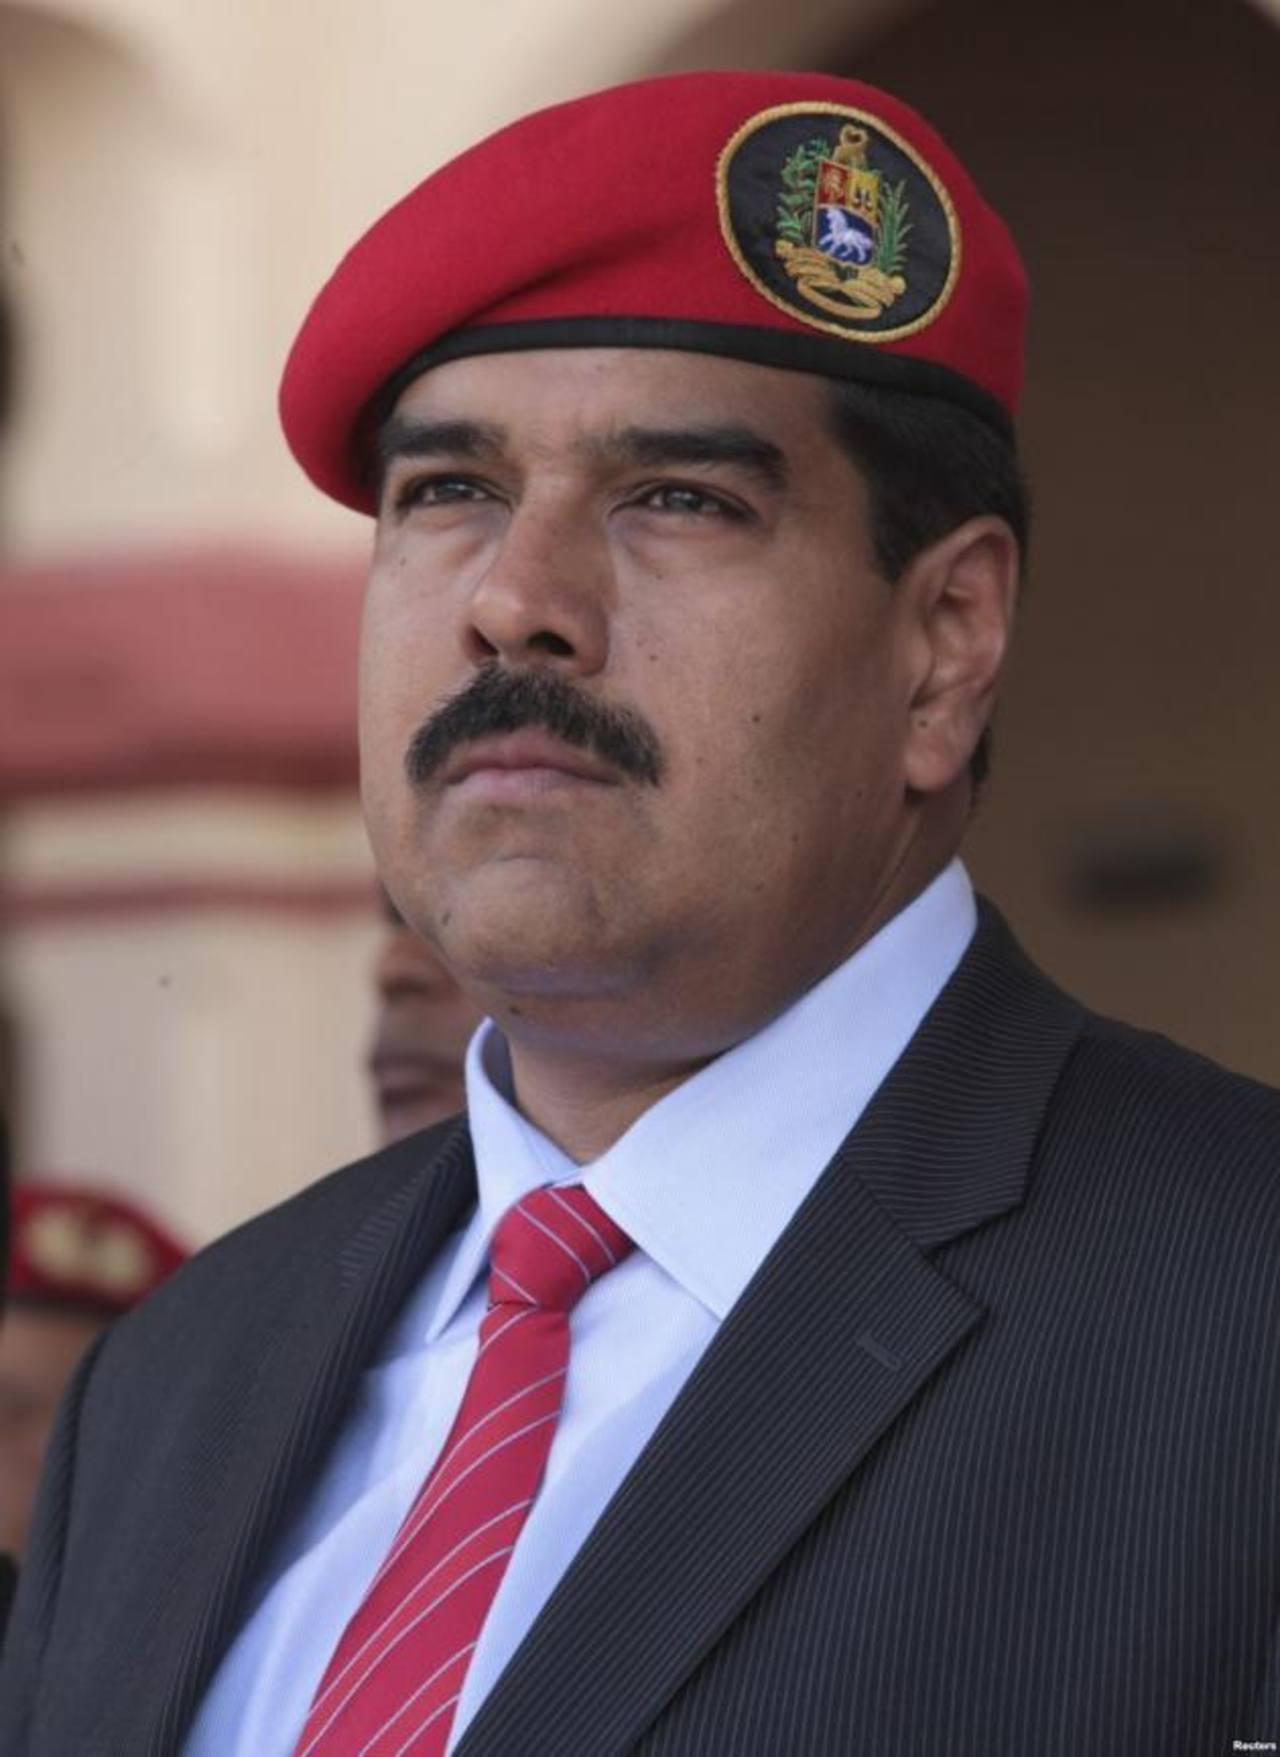 El presidente venezolano explicó que los comandos estarán formados por militares y civiles. Foto EDH /archivo